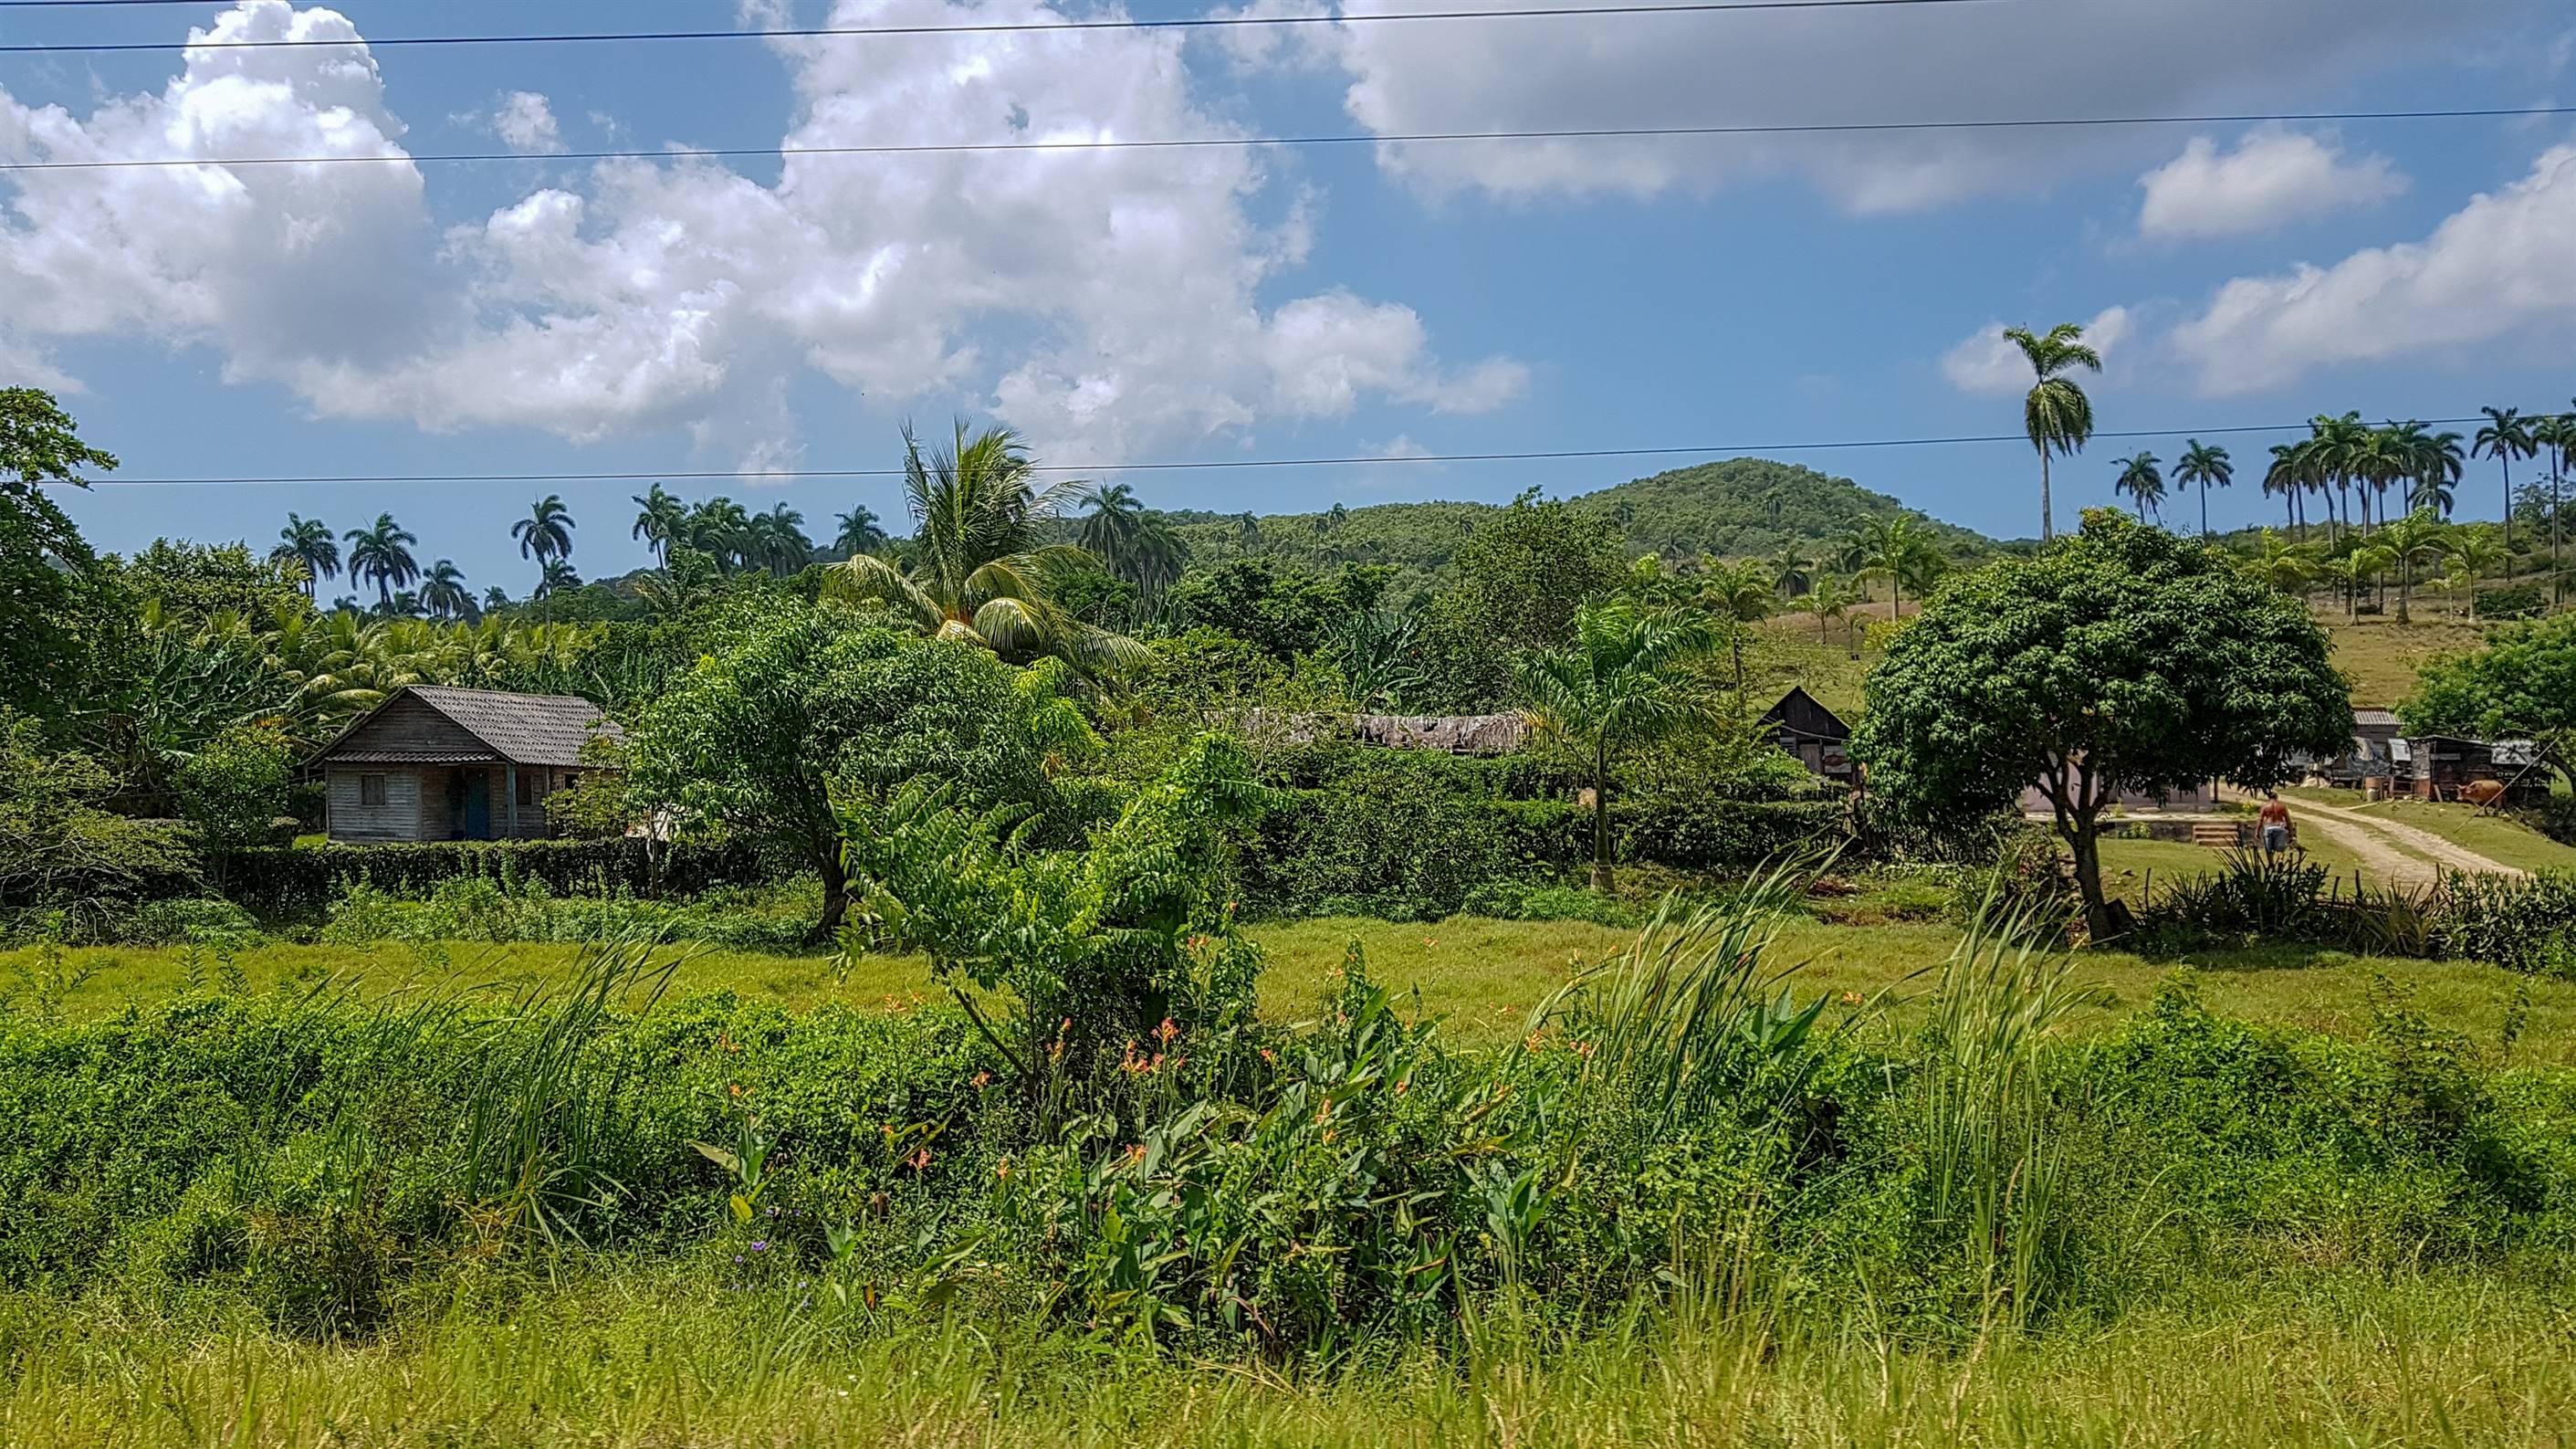 Moa-Baracoa - CUBA